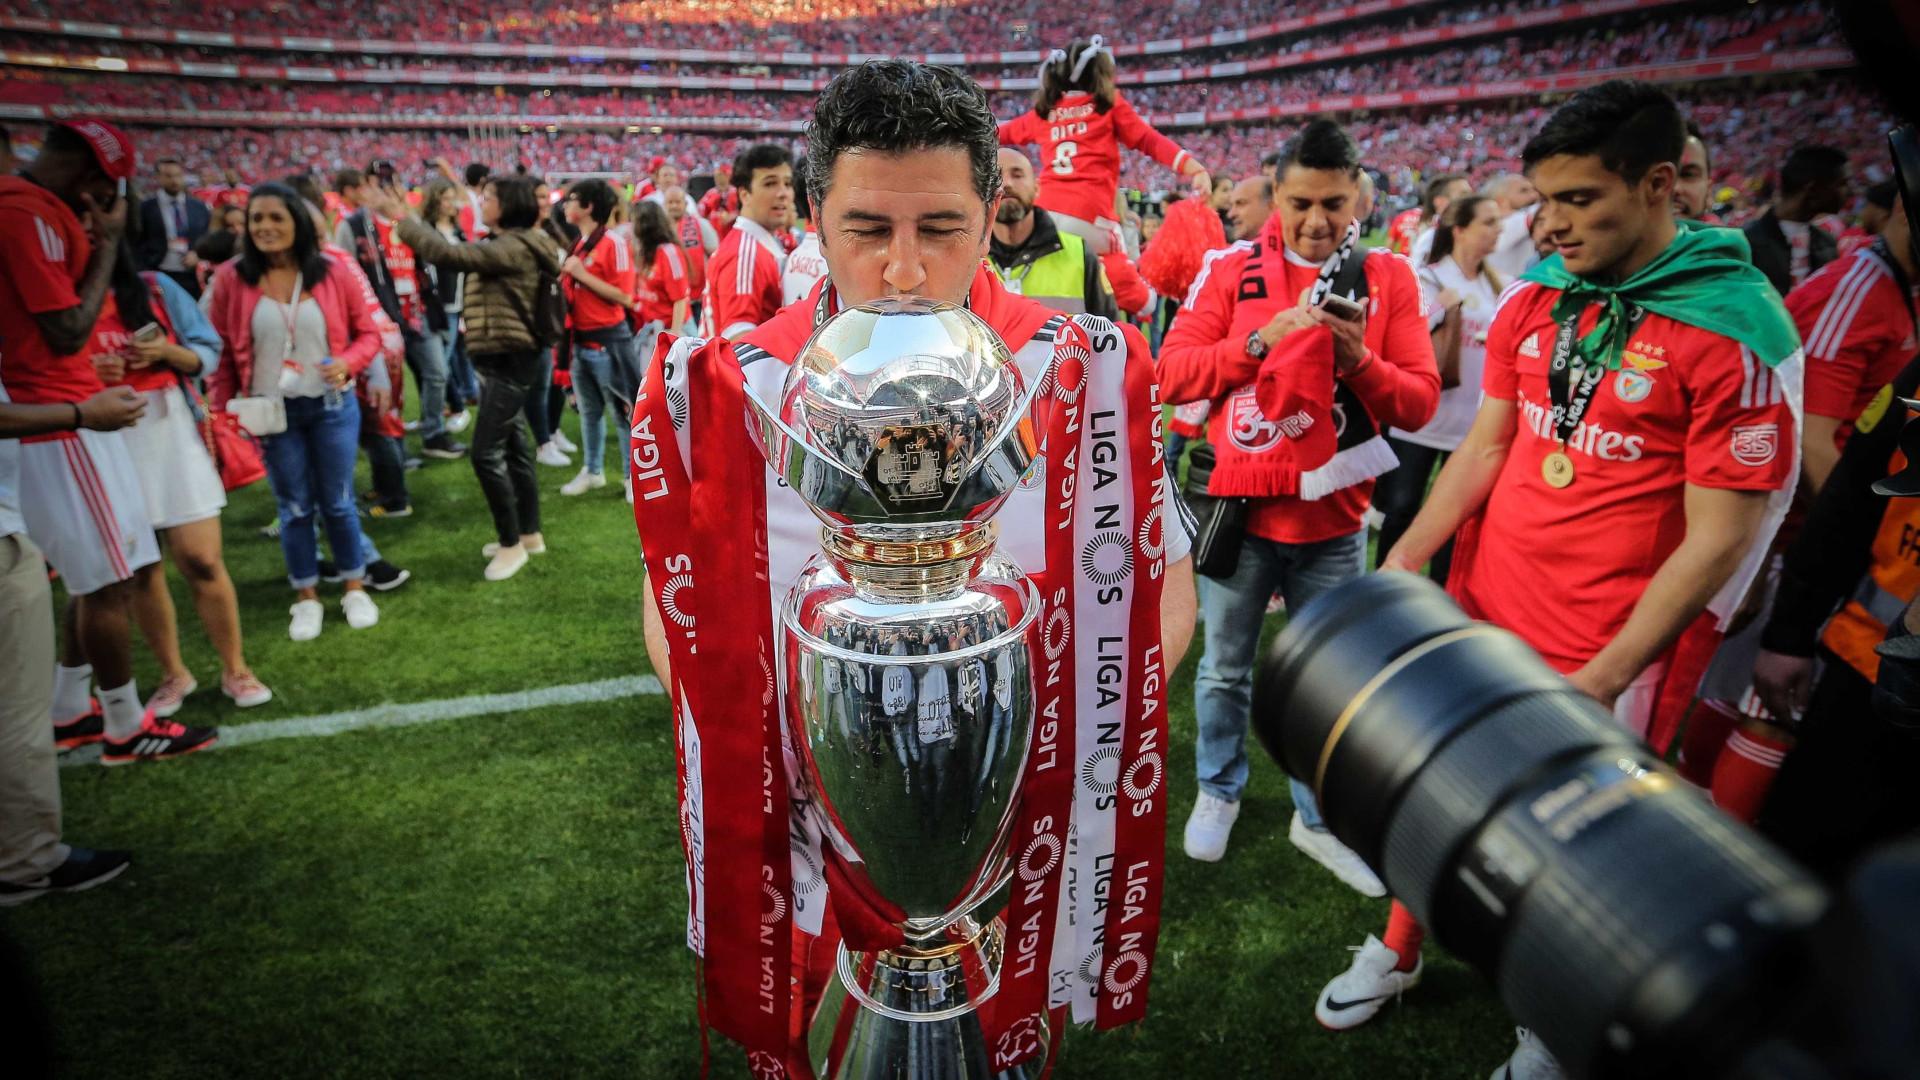 NOS anuncia que BTV mantém transmissão dos jogos do Benfica